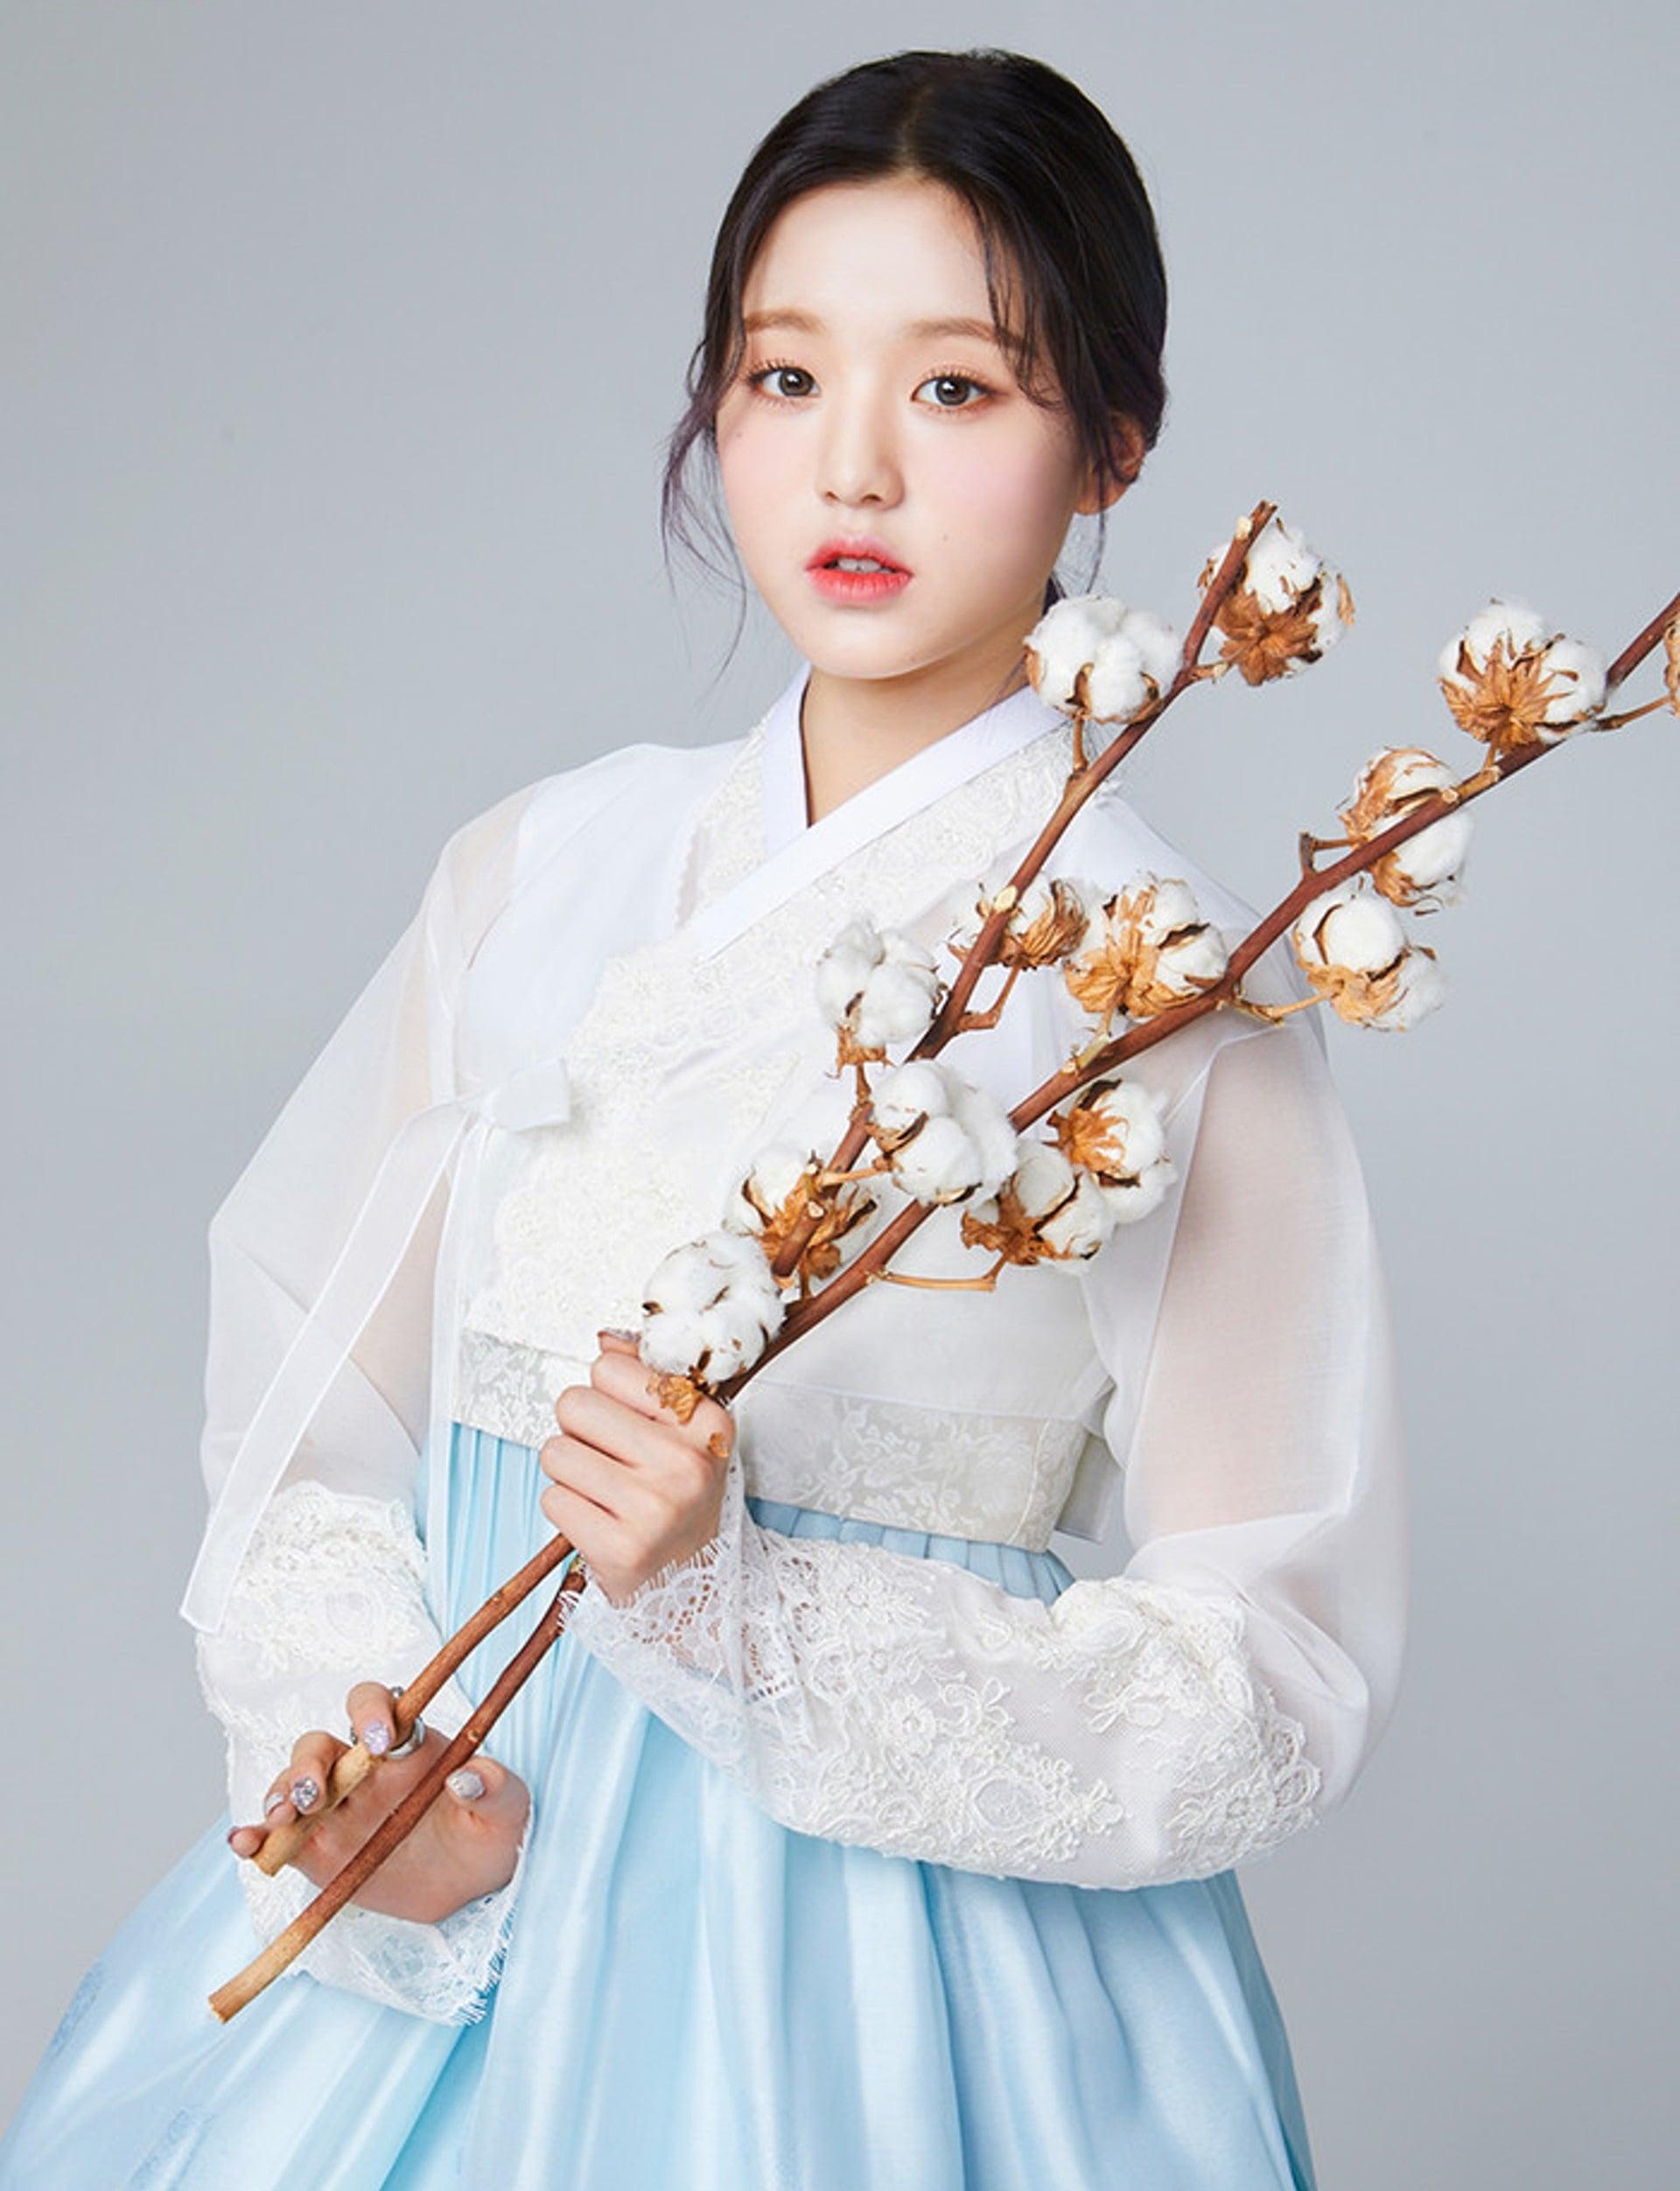 Ồn ào câu chuyện trang phục truyền thống của Hàn Quốc - 1